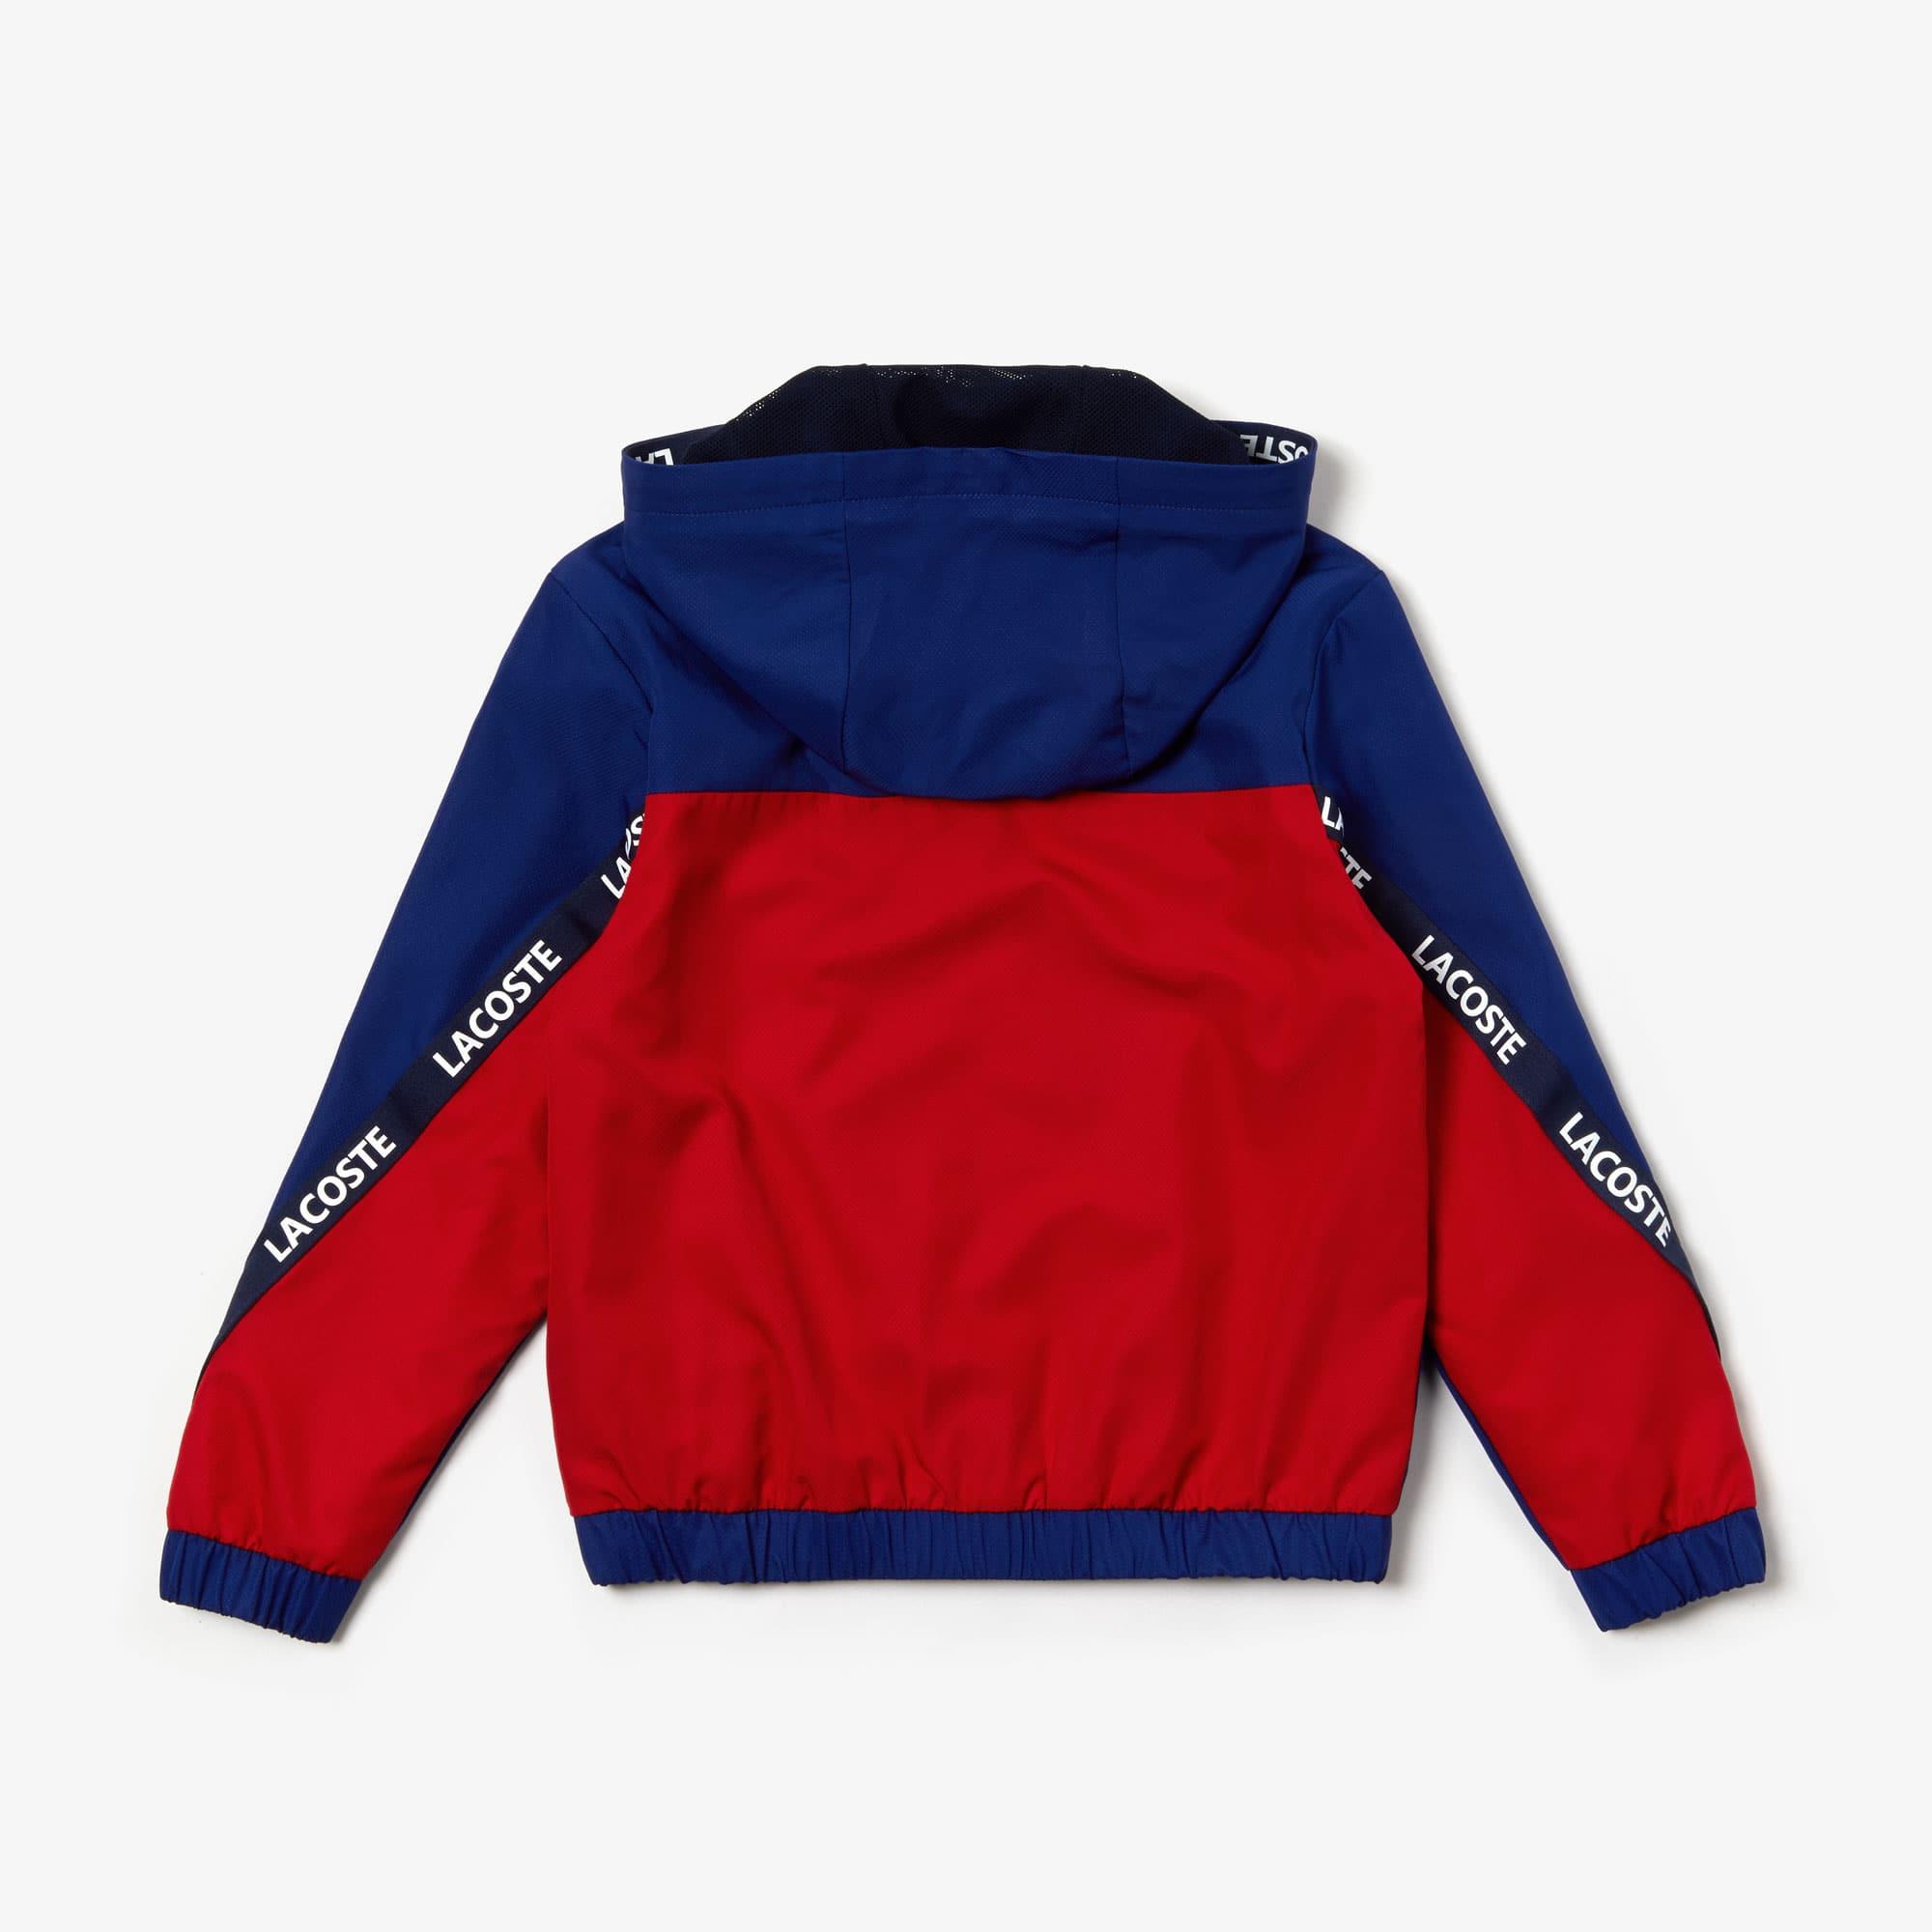 chaussures classiques vente professionnelle haut de gamme pas cher Boys' Lacoste SPORT Signature Bands Bicolour Sweat Jacket